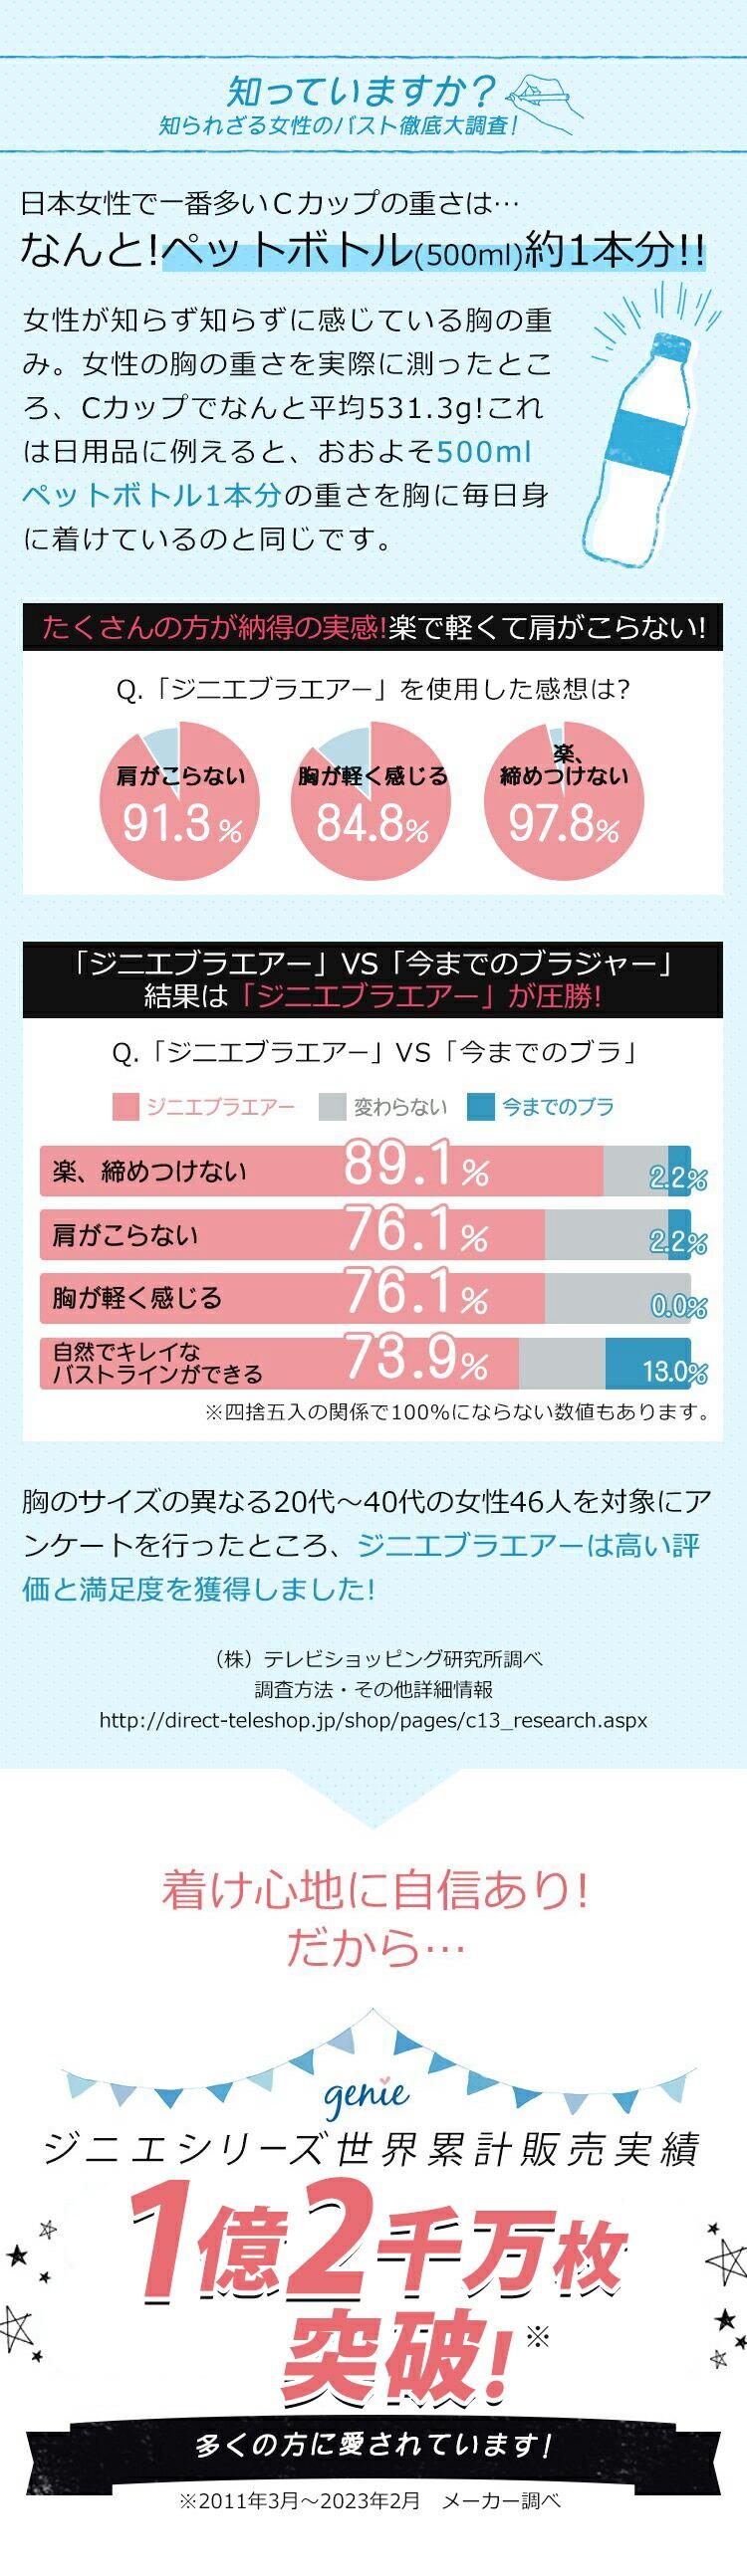 知っていますか?知られざる女性のバスト徹底大調査! 日本女性で一番多いCカップの重さは…なんと!ペットボトル(500ml)約1本分!! たくさんの方が納得の実感!楽で軽くて肩がこらない! 「ジニエブラエアー」VS「今までのブラジャー」結果は「ジニエブラエアー」が圧勝! 着け心地に自信あり!だから…ジニエシリーズ世界累計販売実績1億枚突破!※ 多くの方に愛されています! ※2020年8月 メーカー調べ